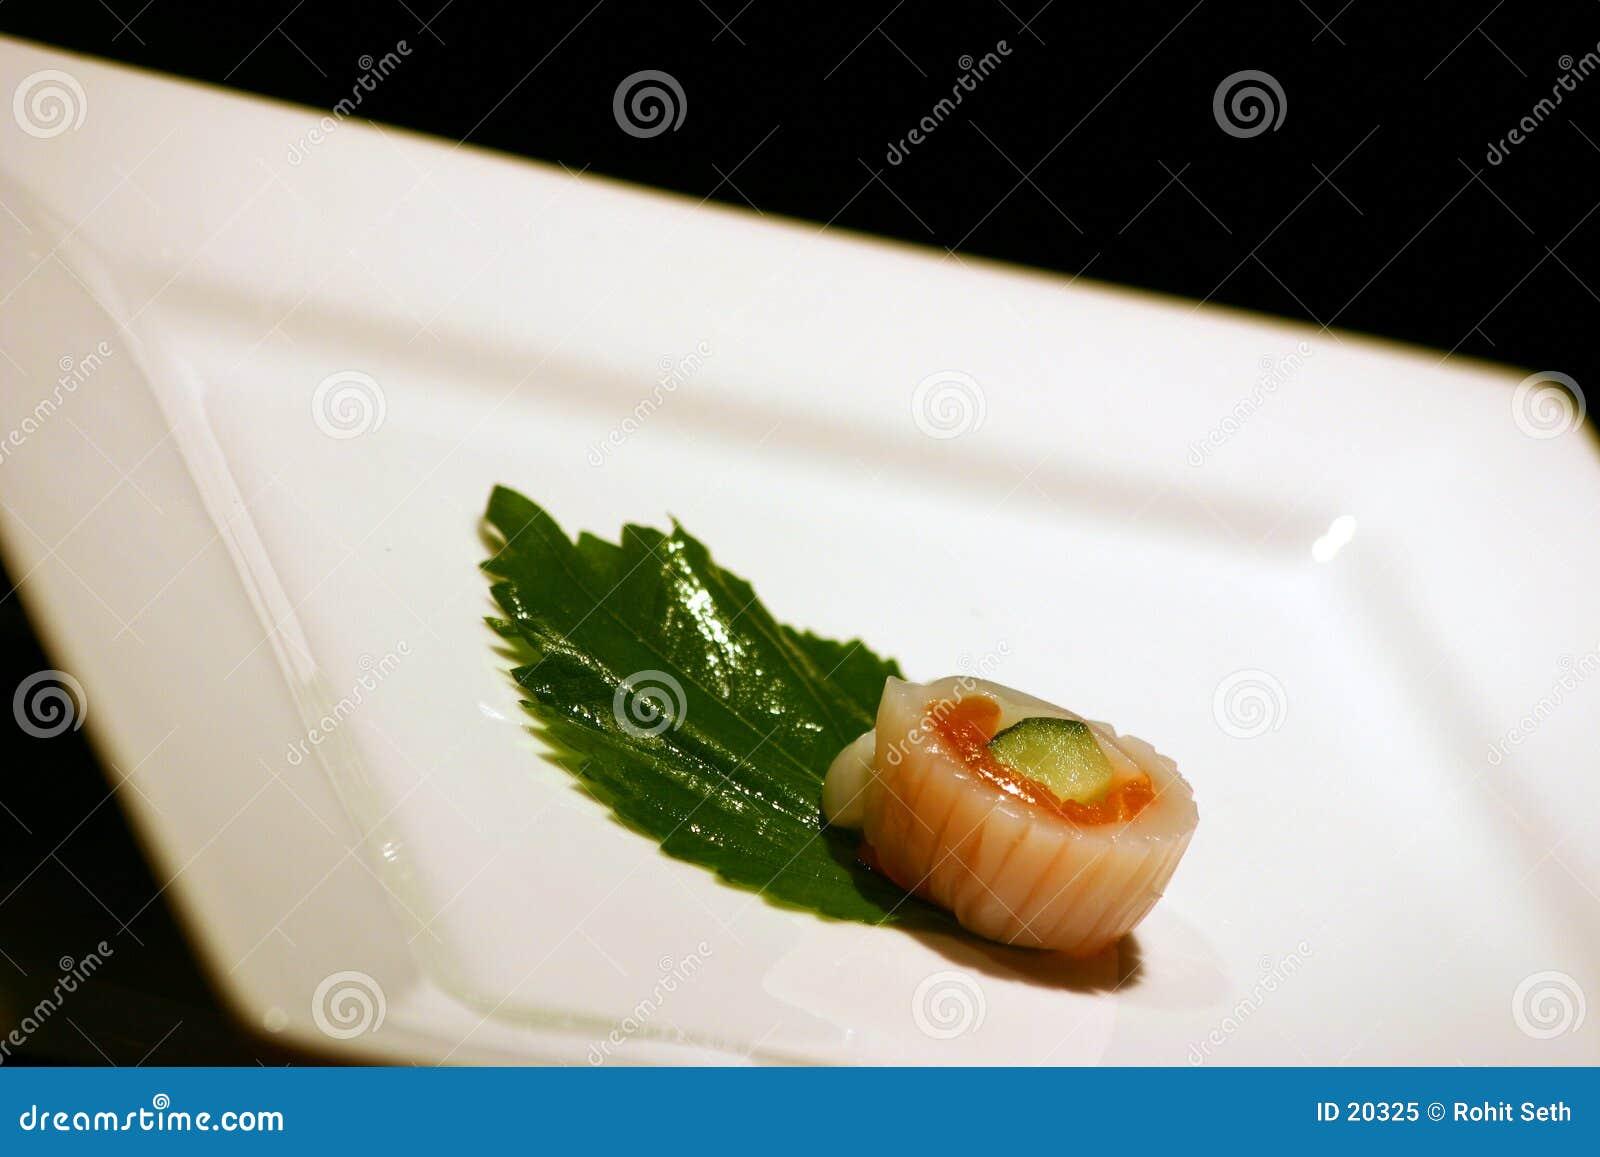 Sushi, chiunque?